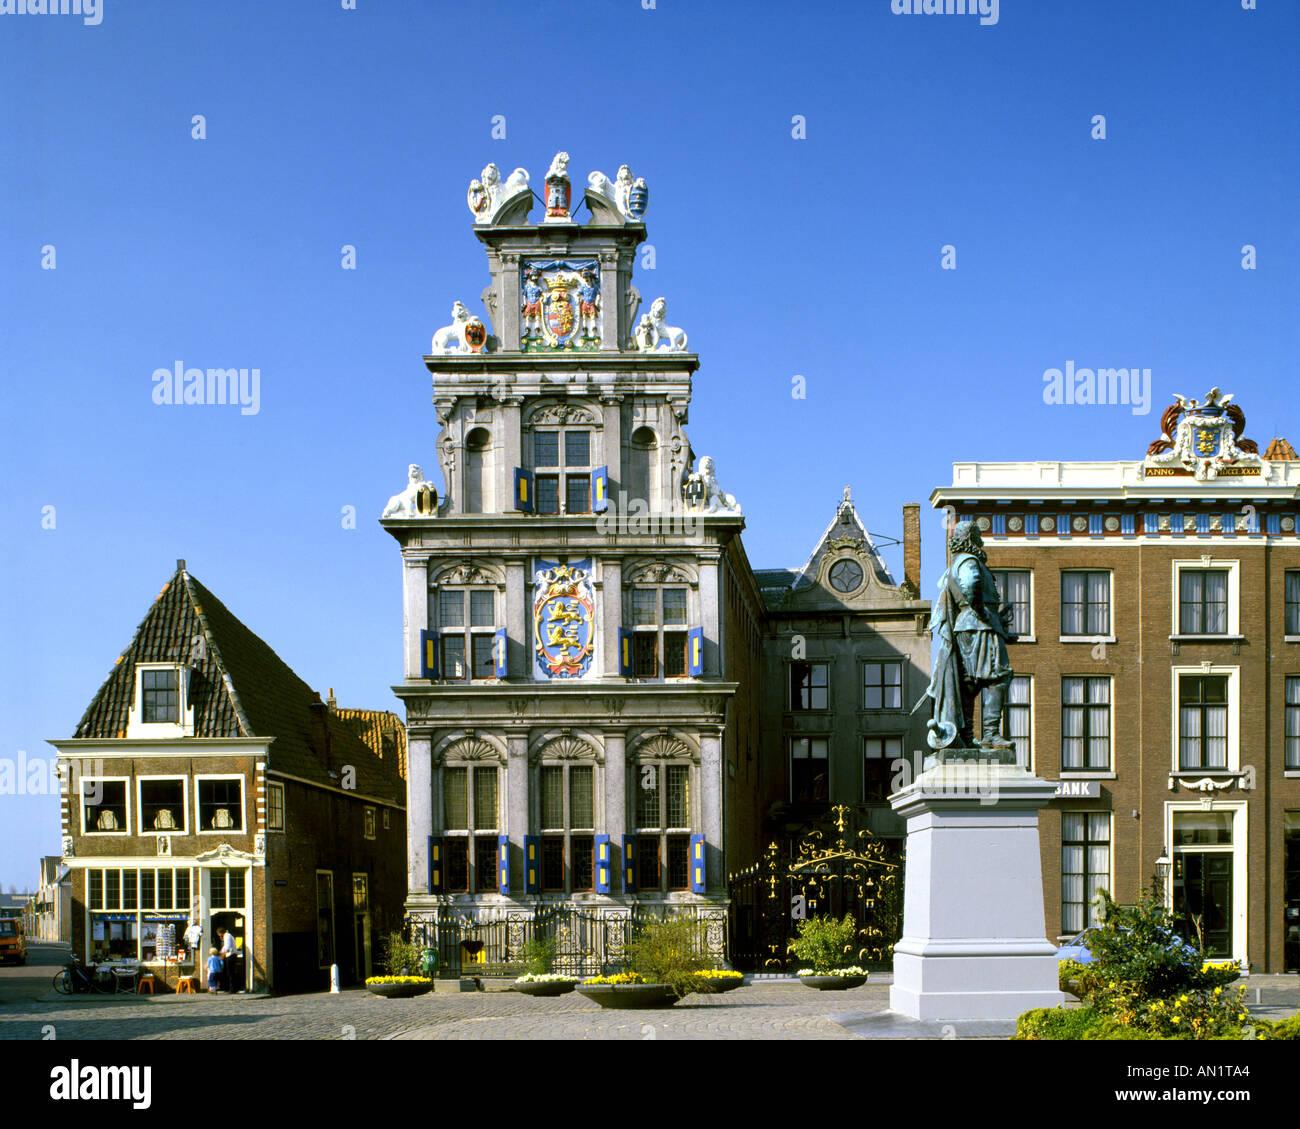 NL - NOORD HOLLAND: Westfries Museum in Hoorn - Stock Image